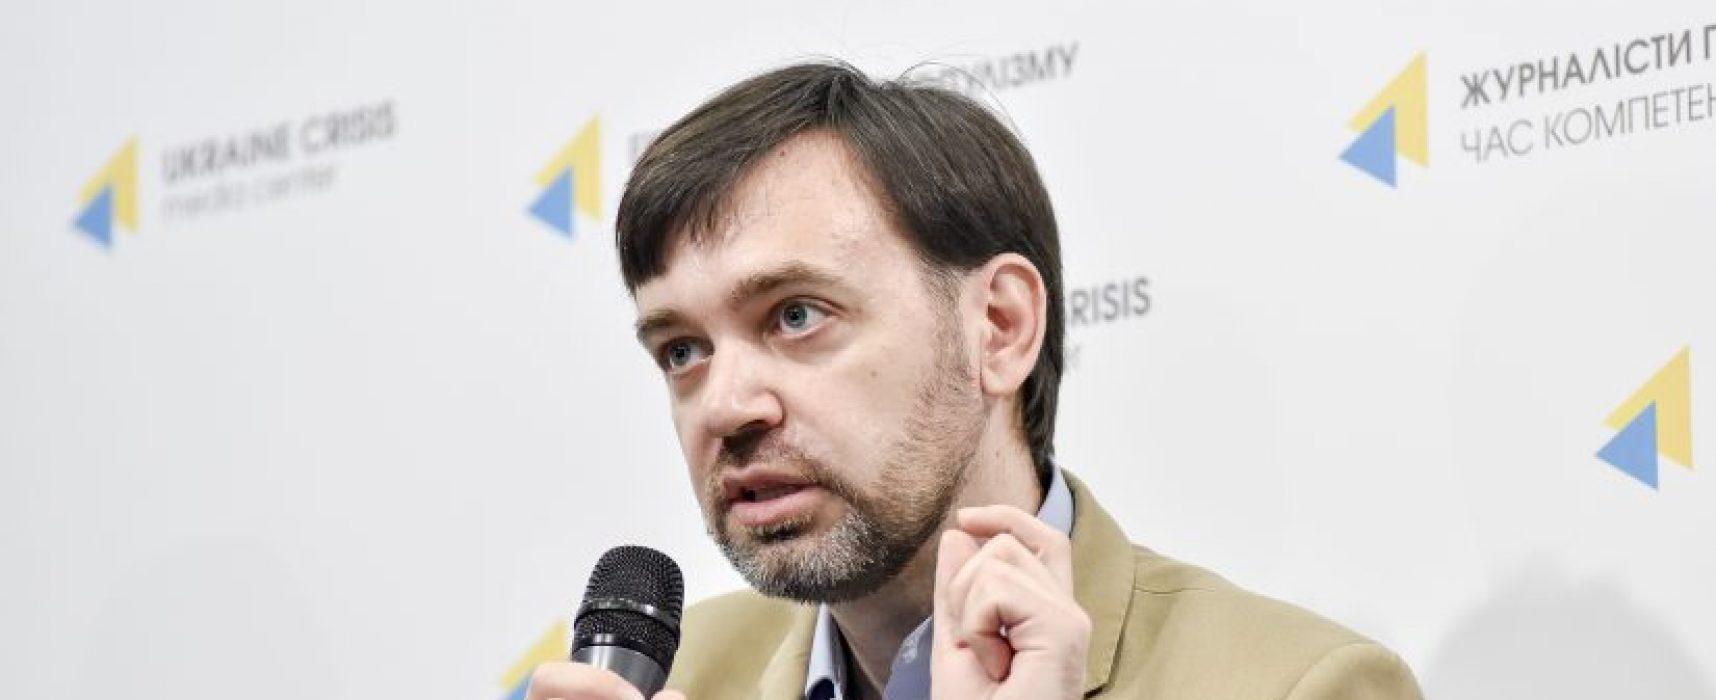 Il 58% degli ucraini riconosce come minaccia la propaganda russa